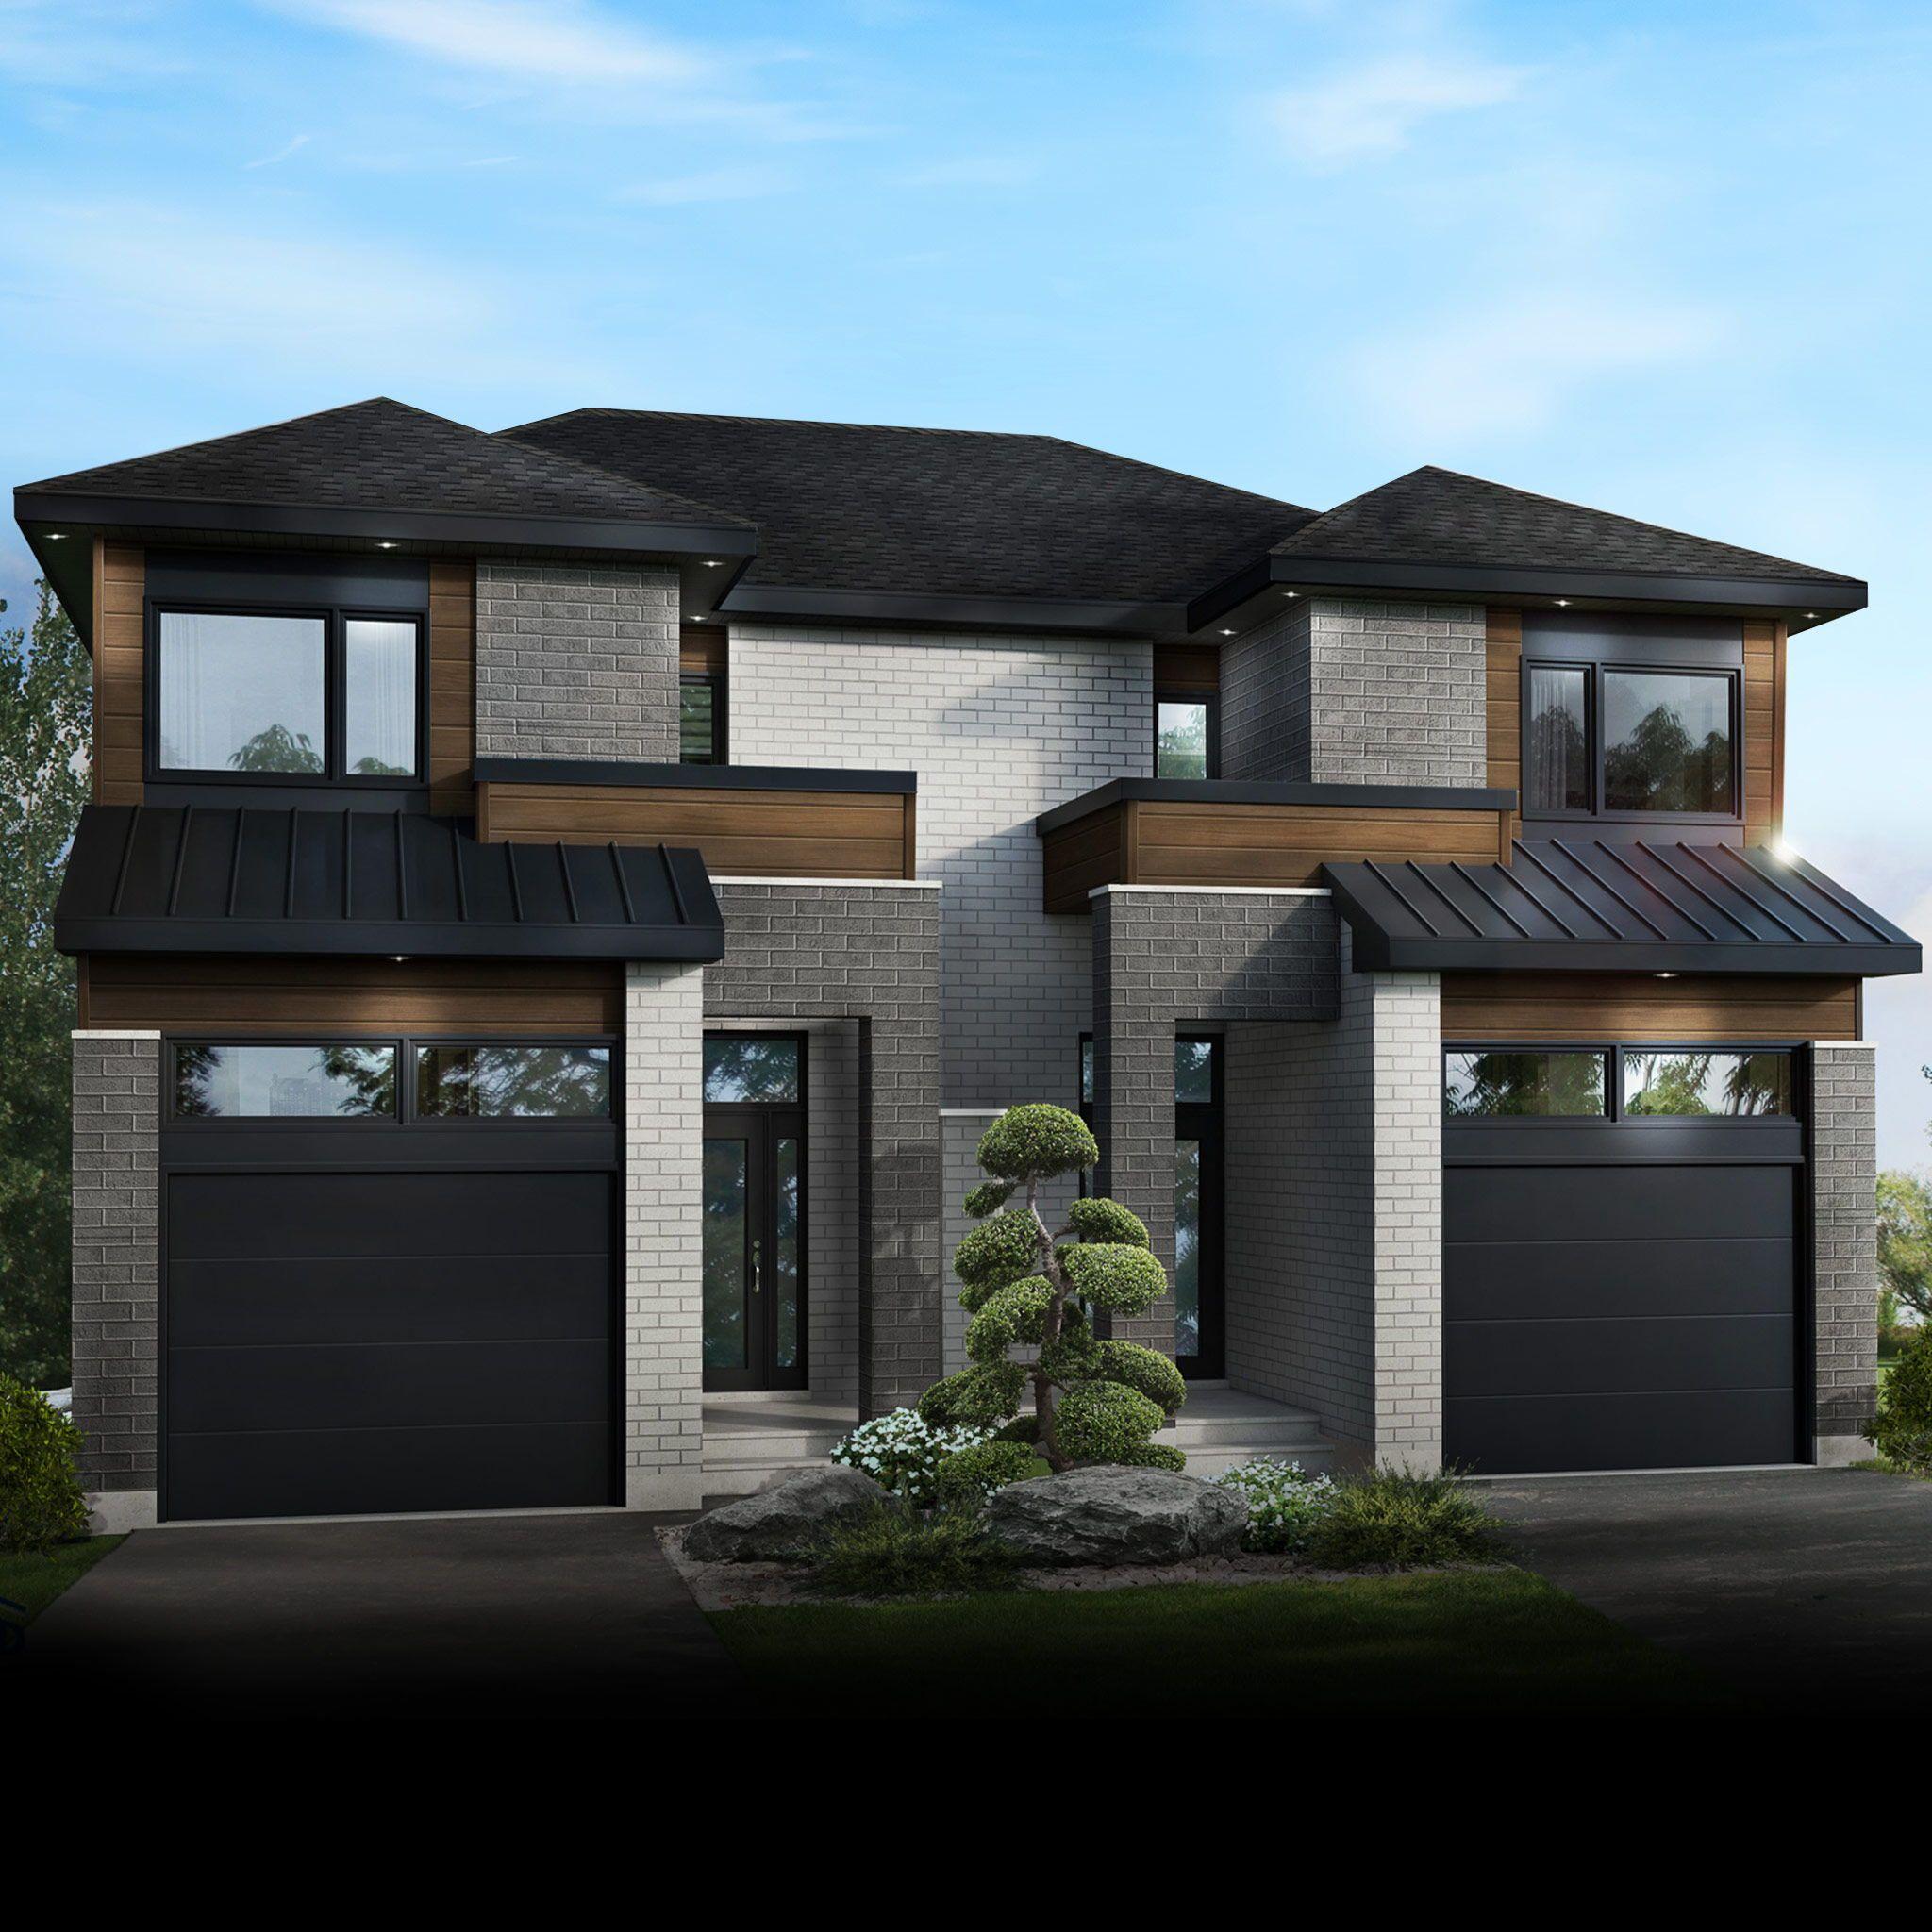 Maison De Ville De Gbd Construction Duplex House Design Minimalist House Design Townhouse Designs